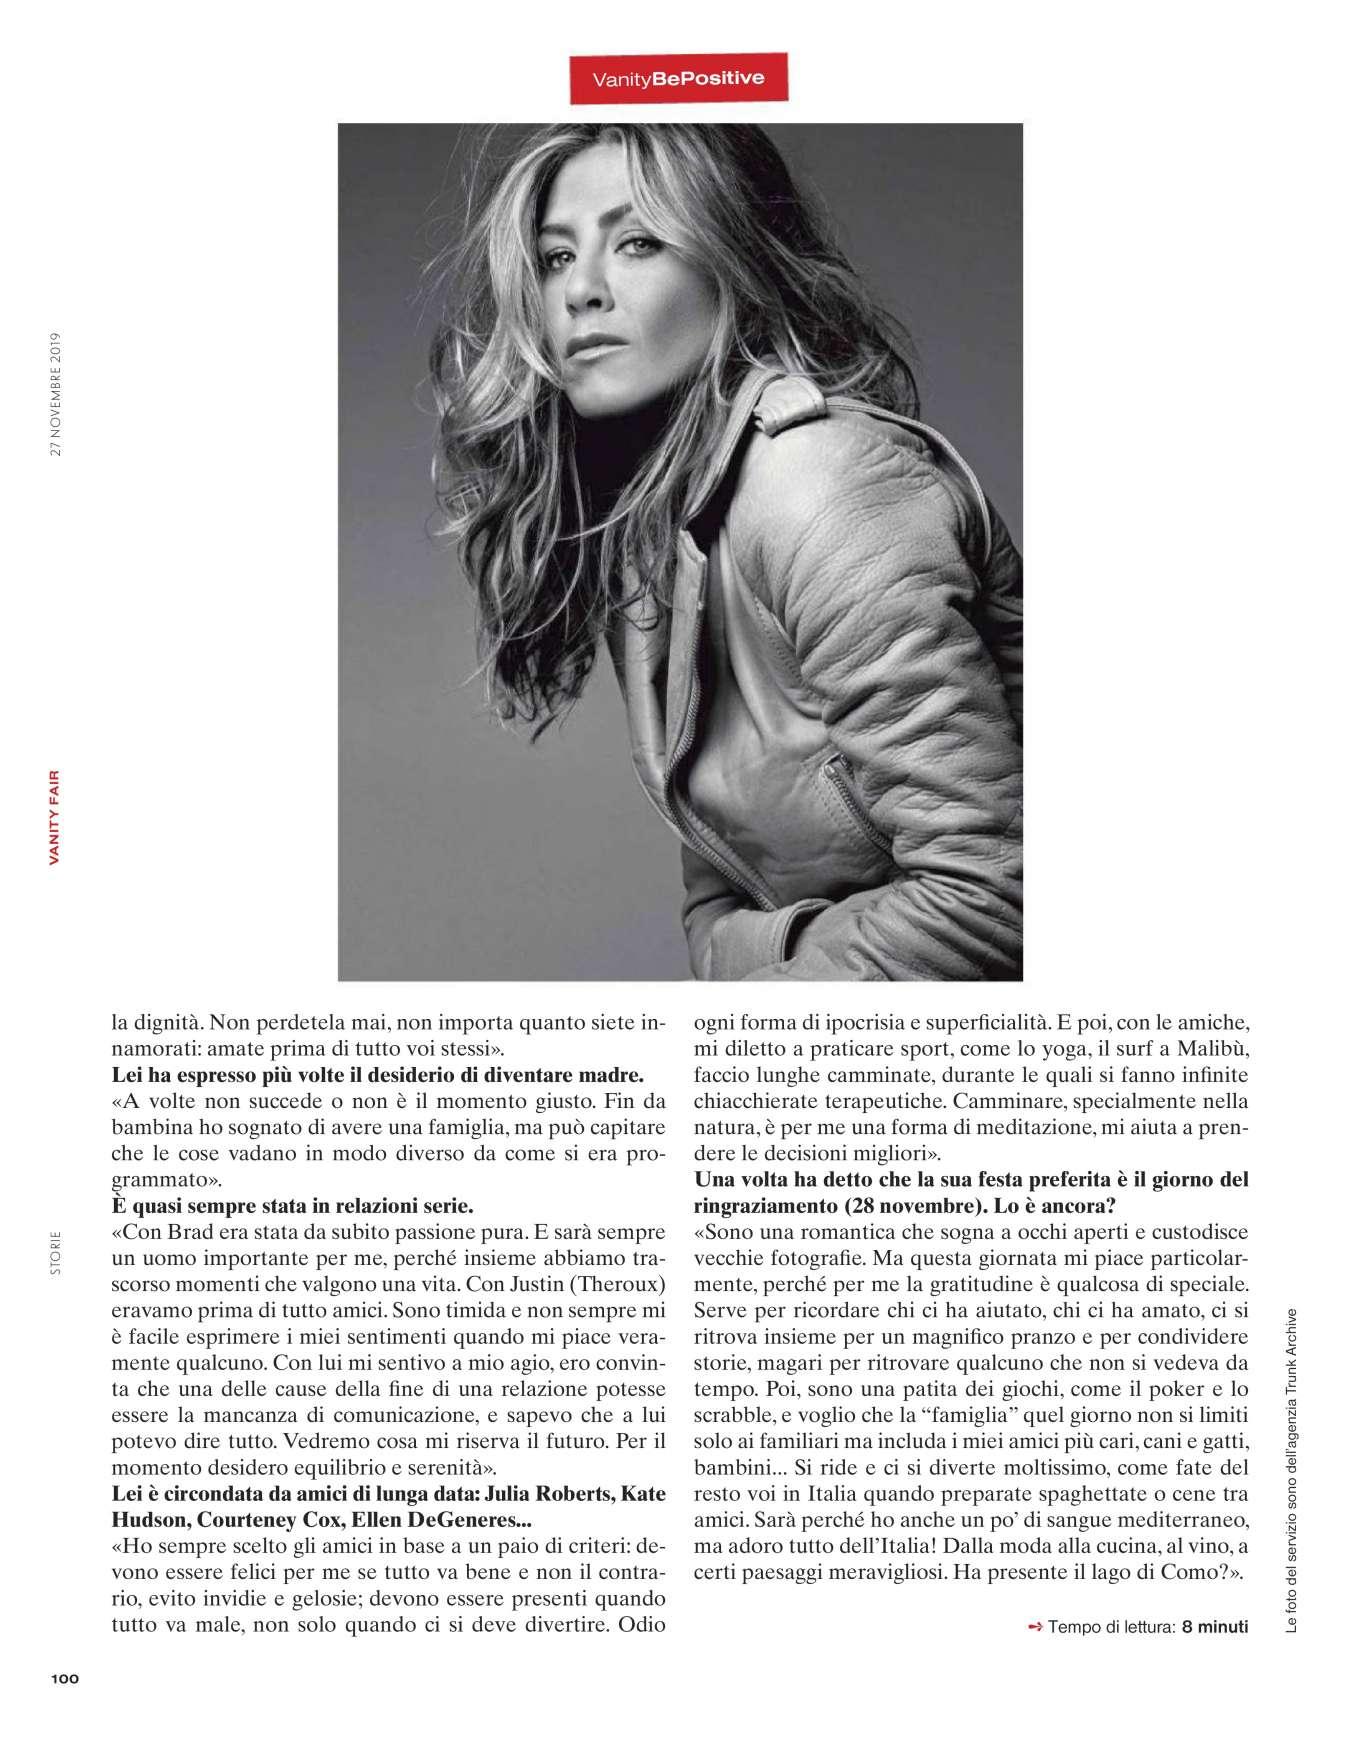 Jennifer Aniston 2019 : Jennifer Aniston – Vanity Fair Italy 2019-01